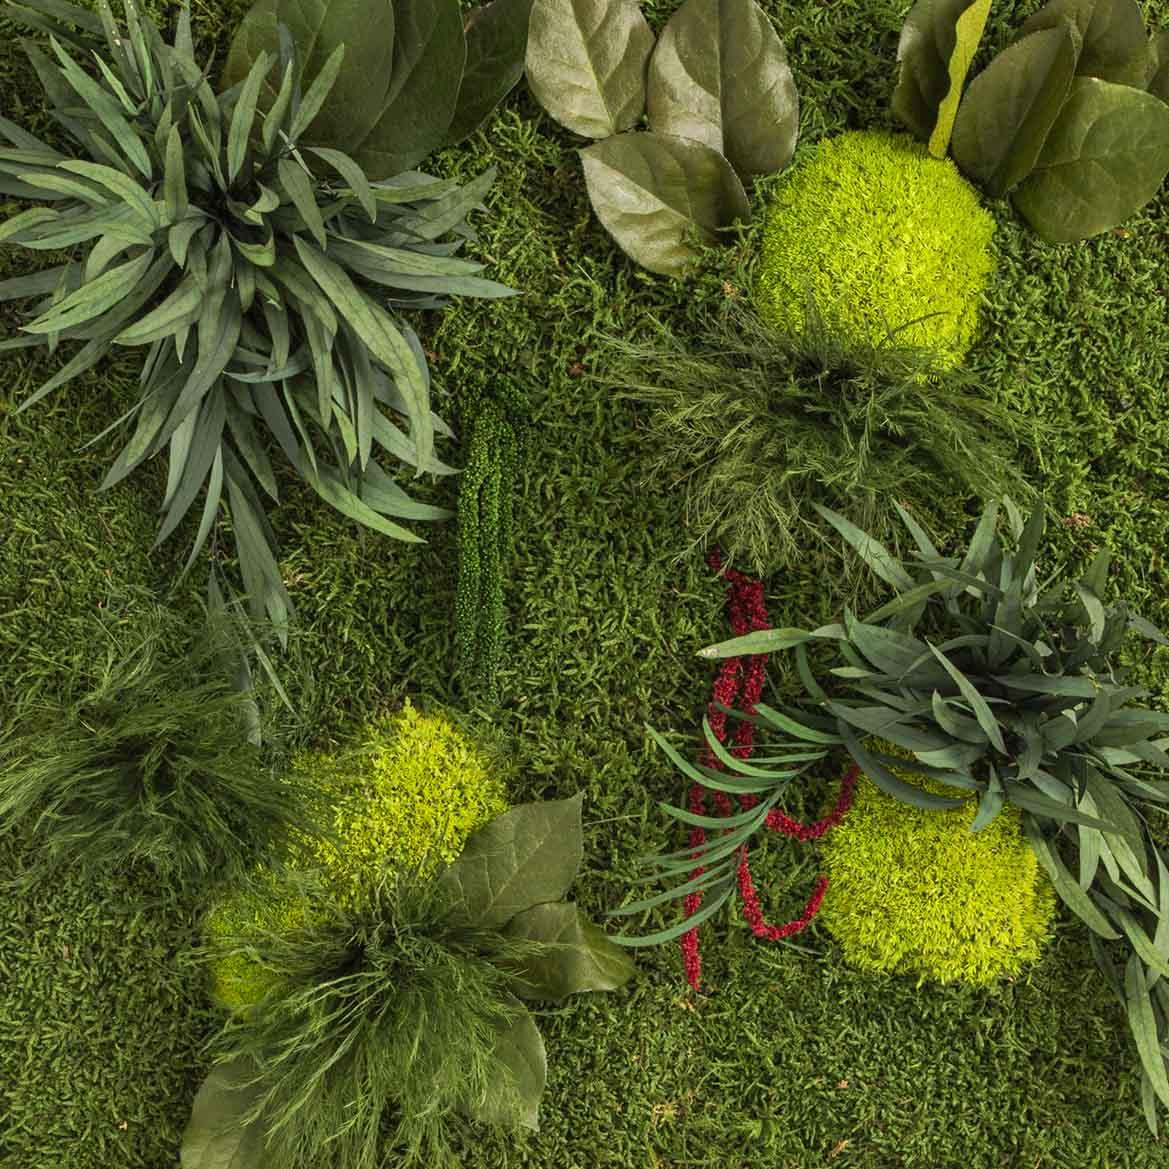 Moosbild mit Pflanzen